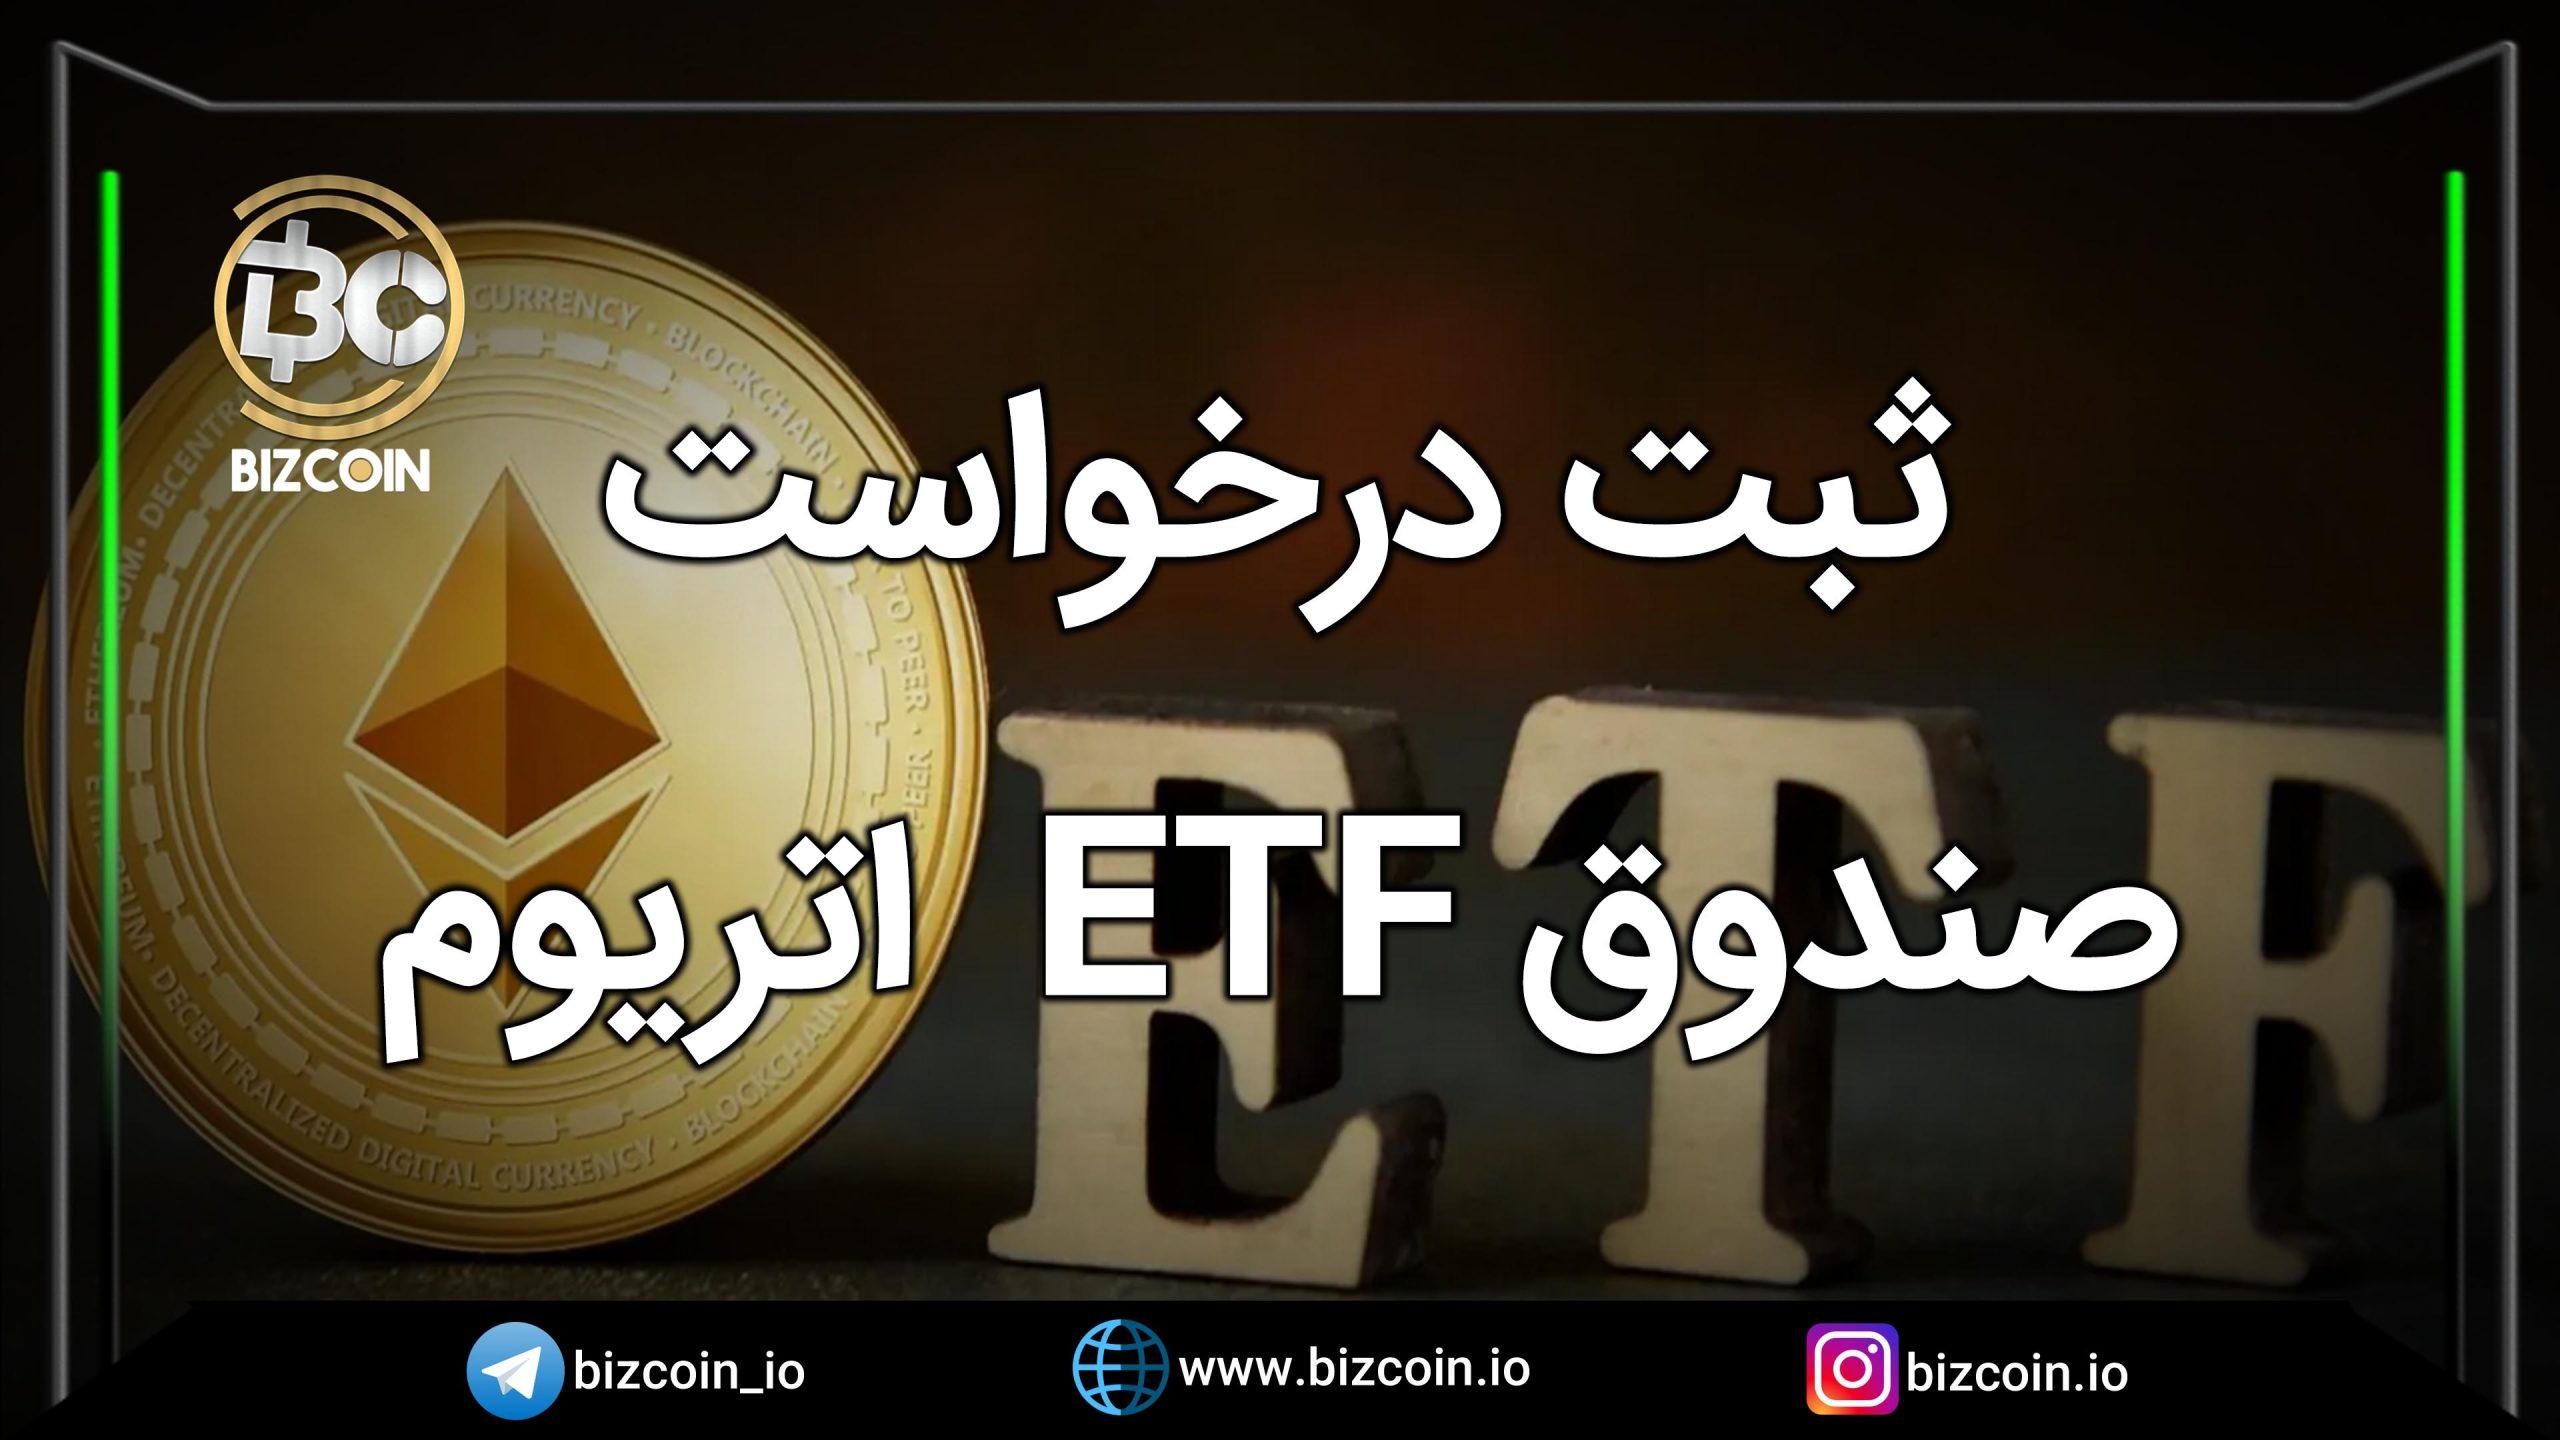 ثبت درخواست صندوق ETF اتریوم